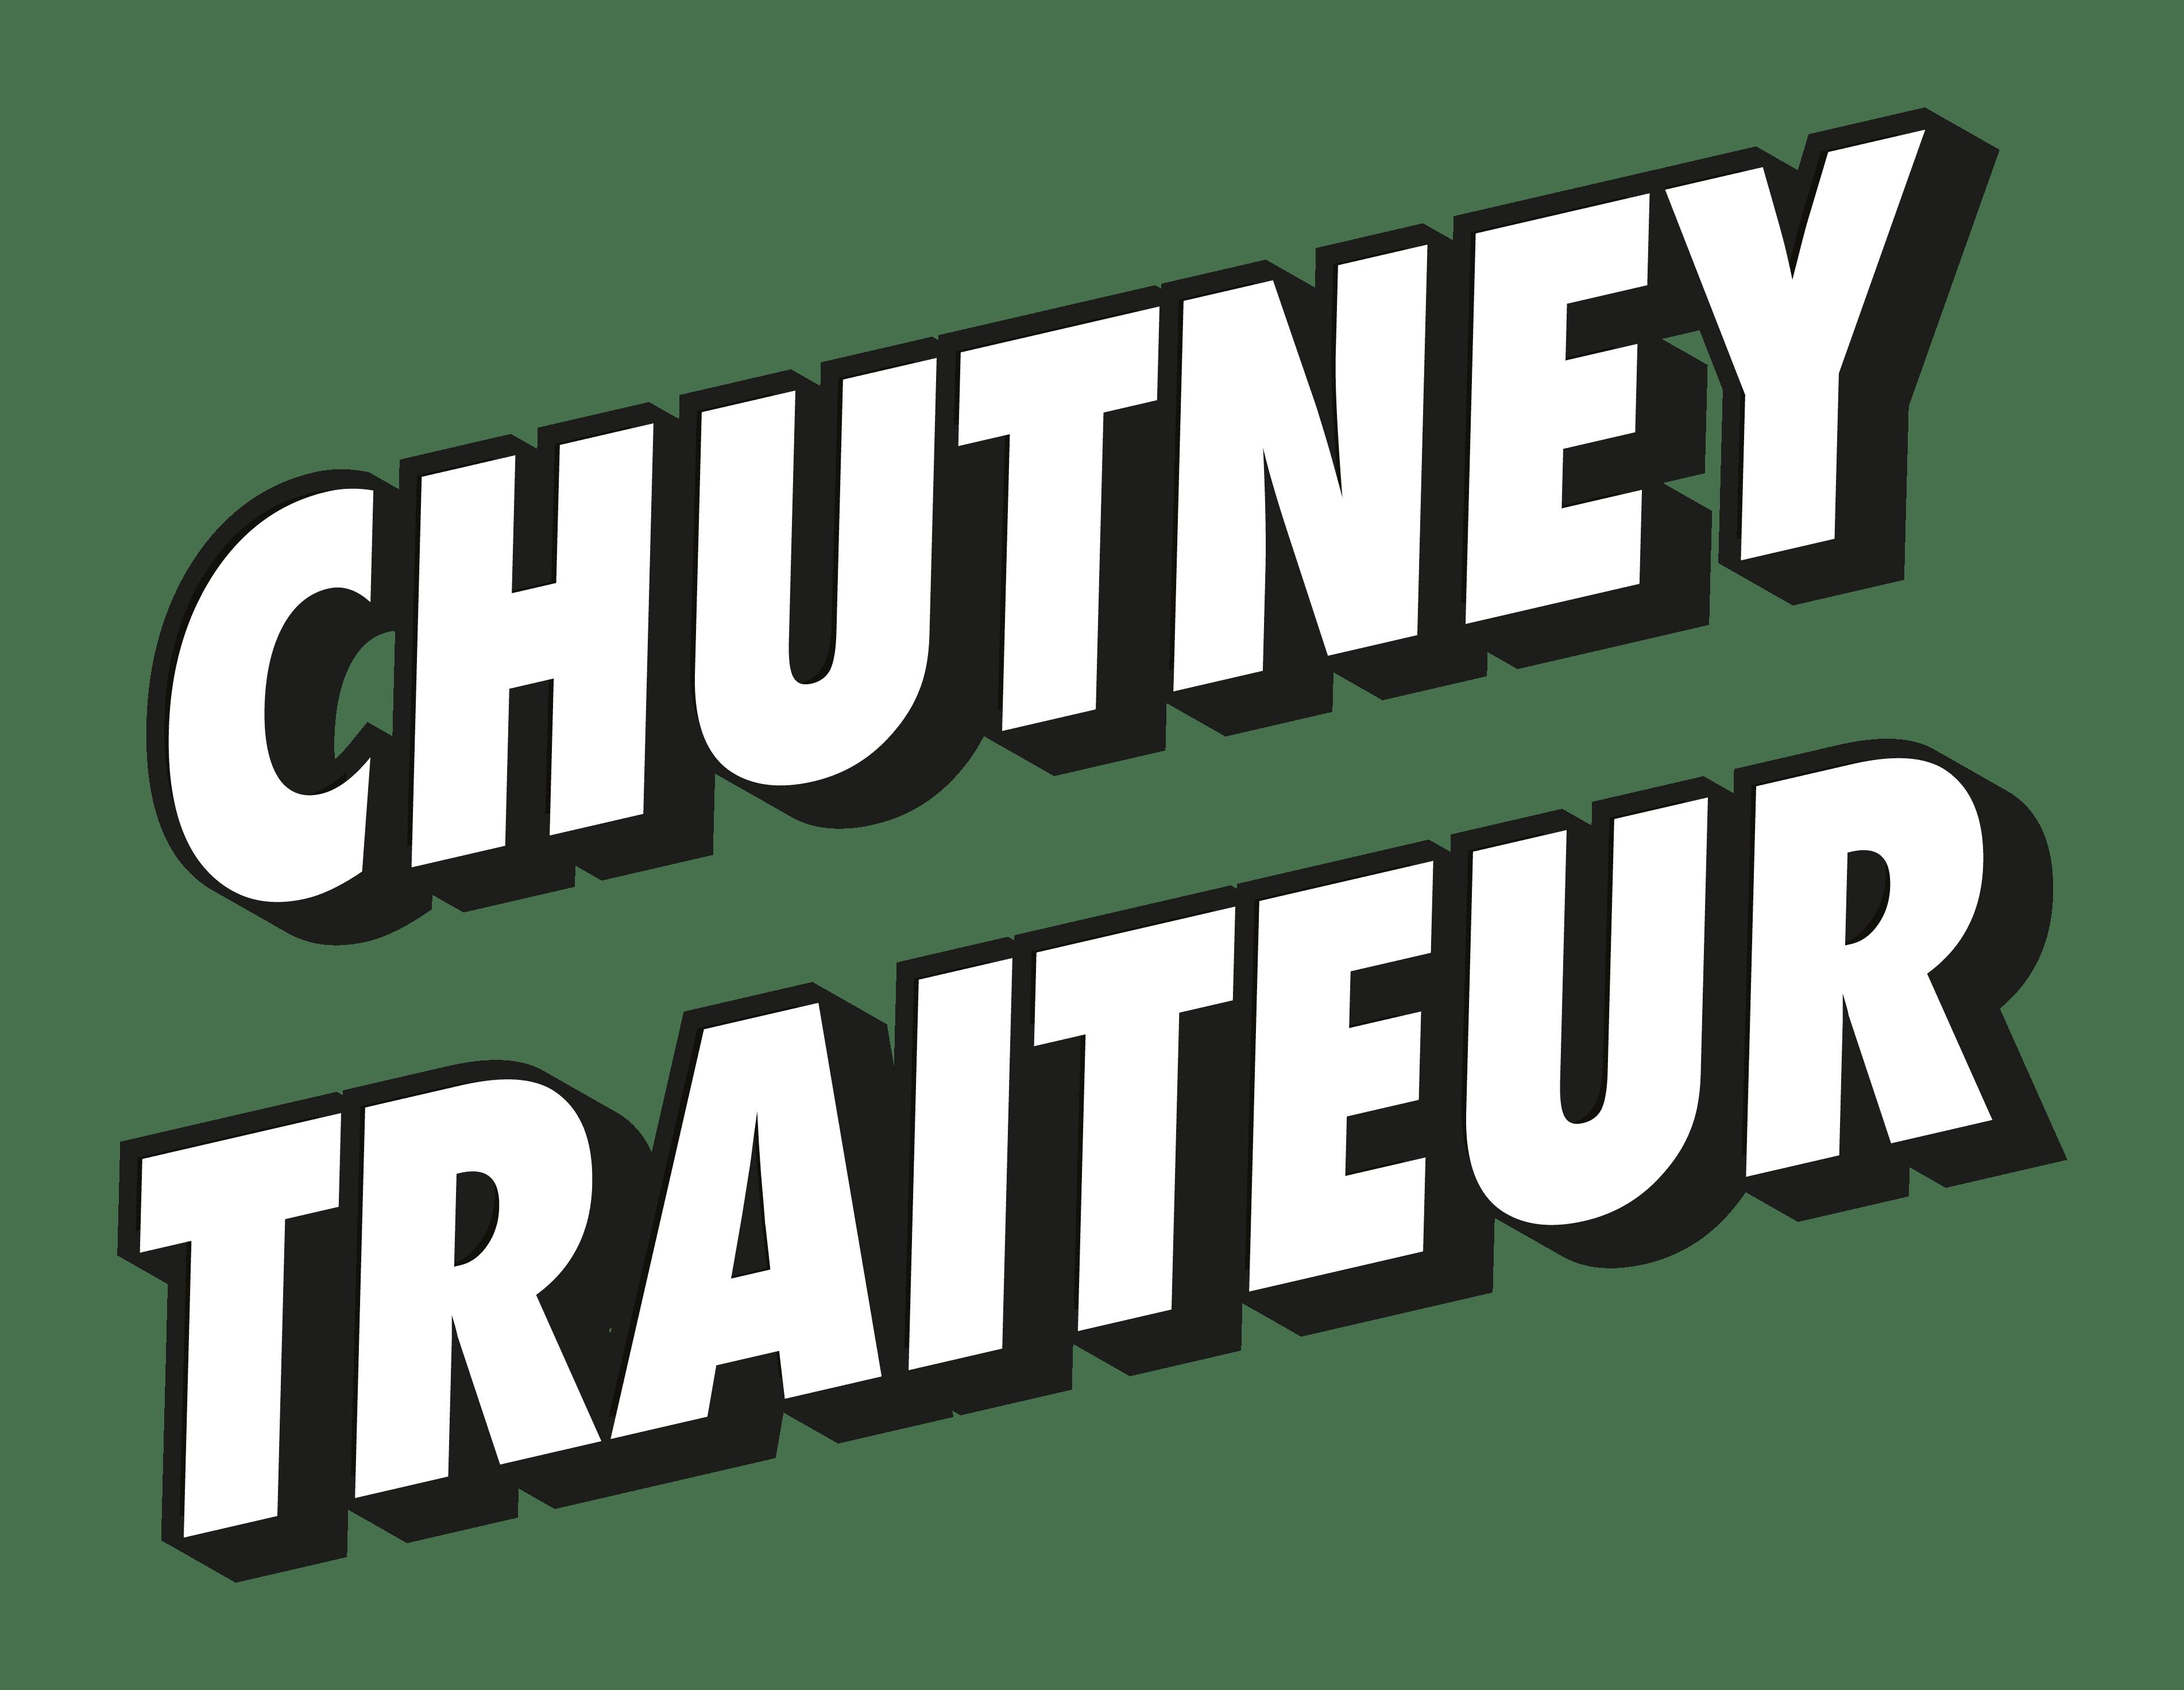 Chutney Traiteur